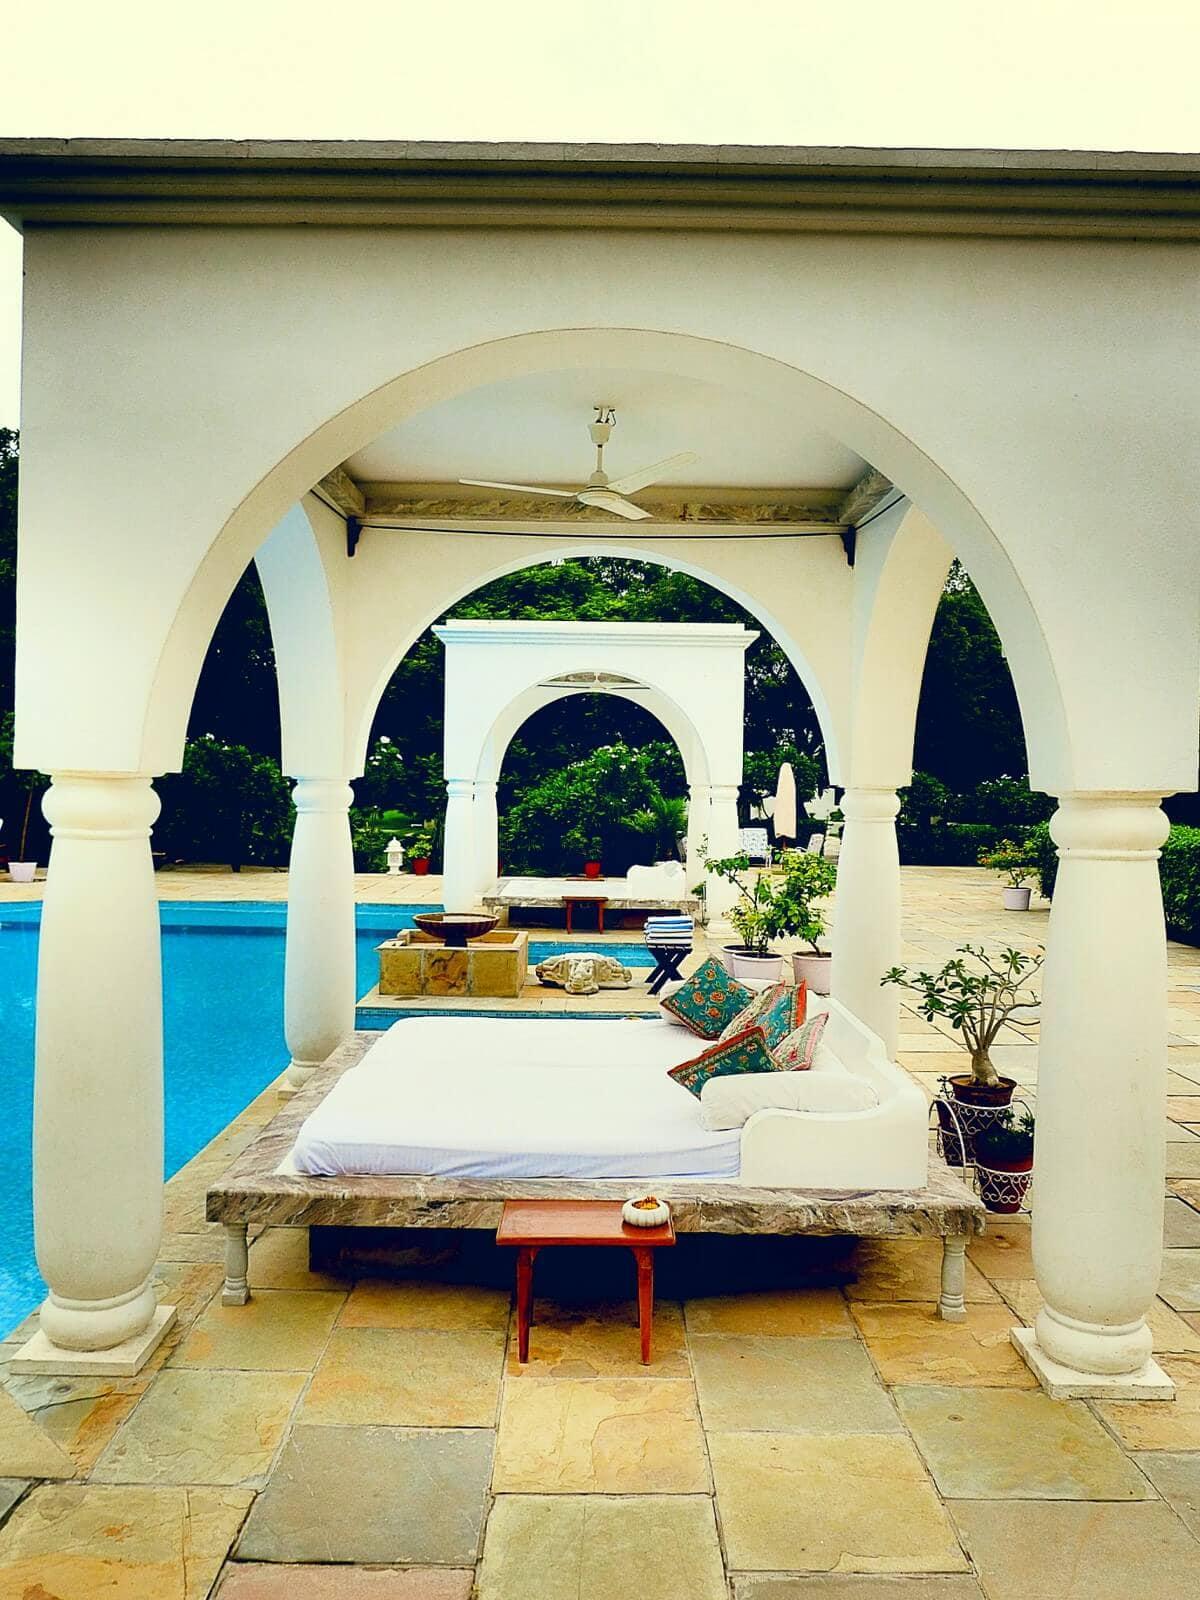 The poolside gazebo